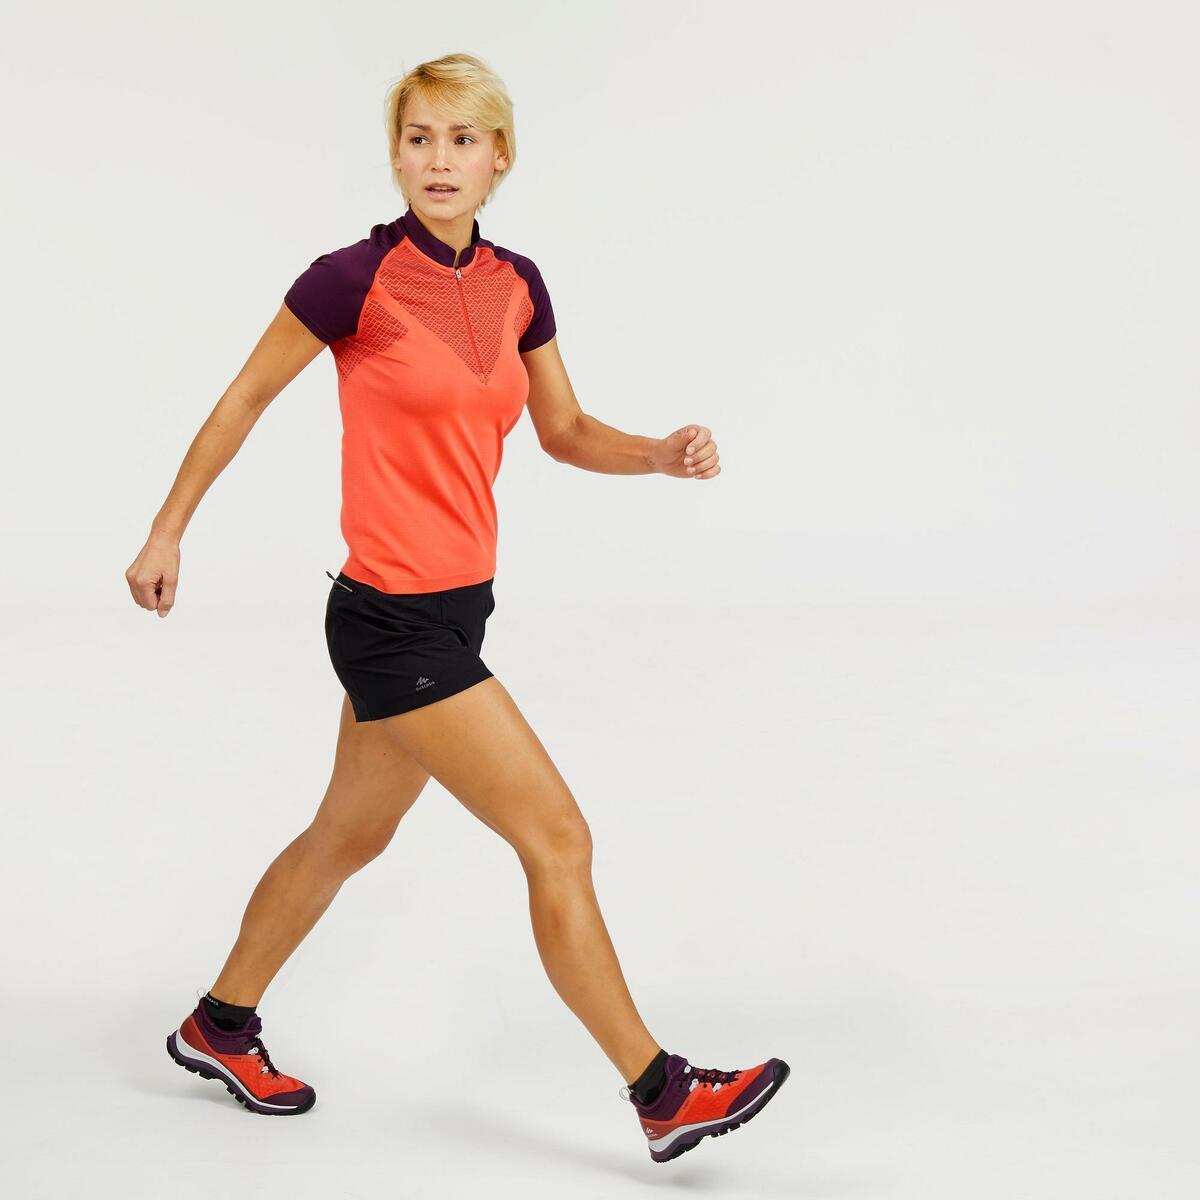 Bild 4 von Funktionsshirt Speed Hiking FH900 Damen rot/violett